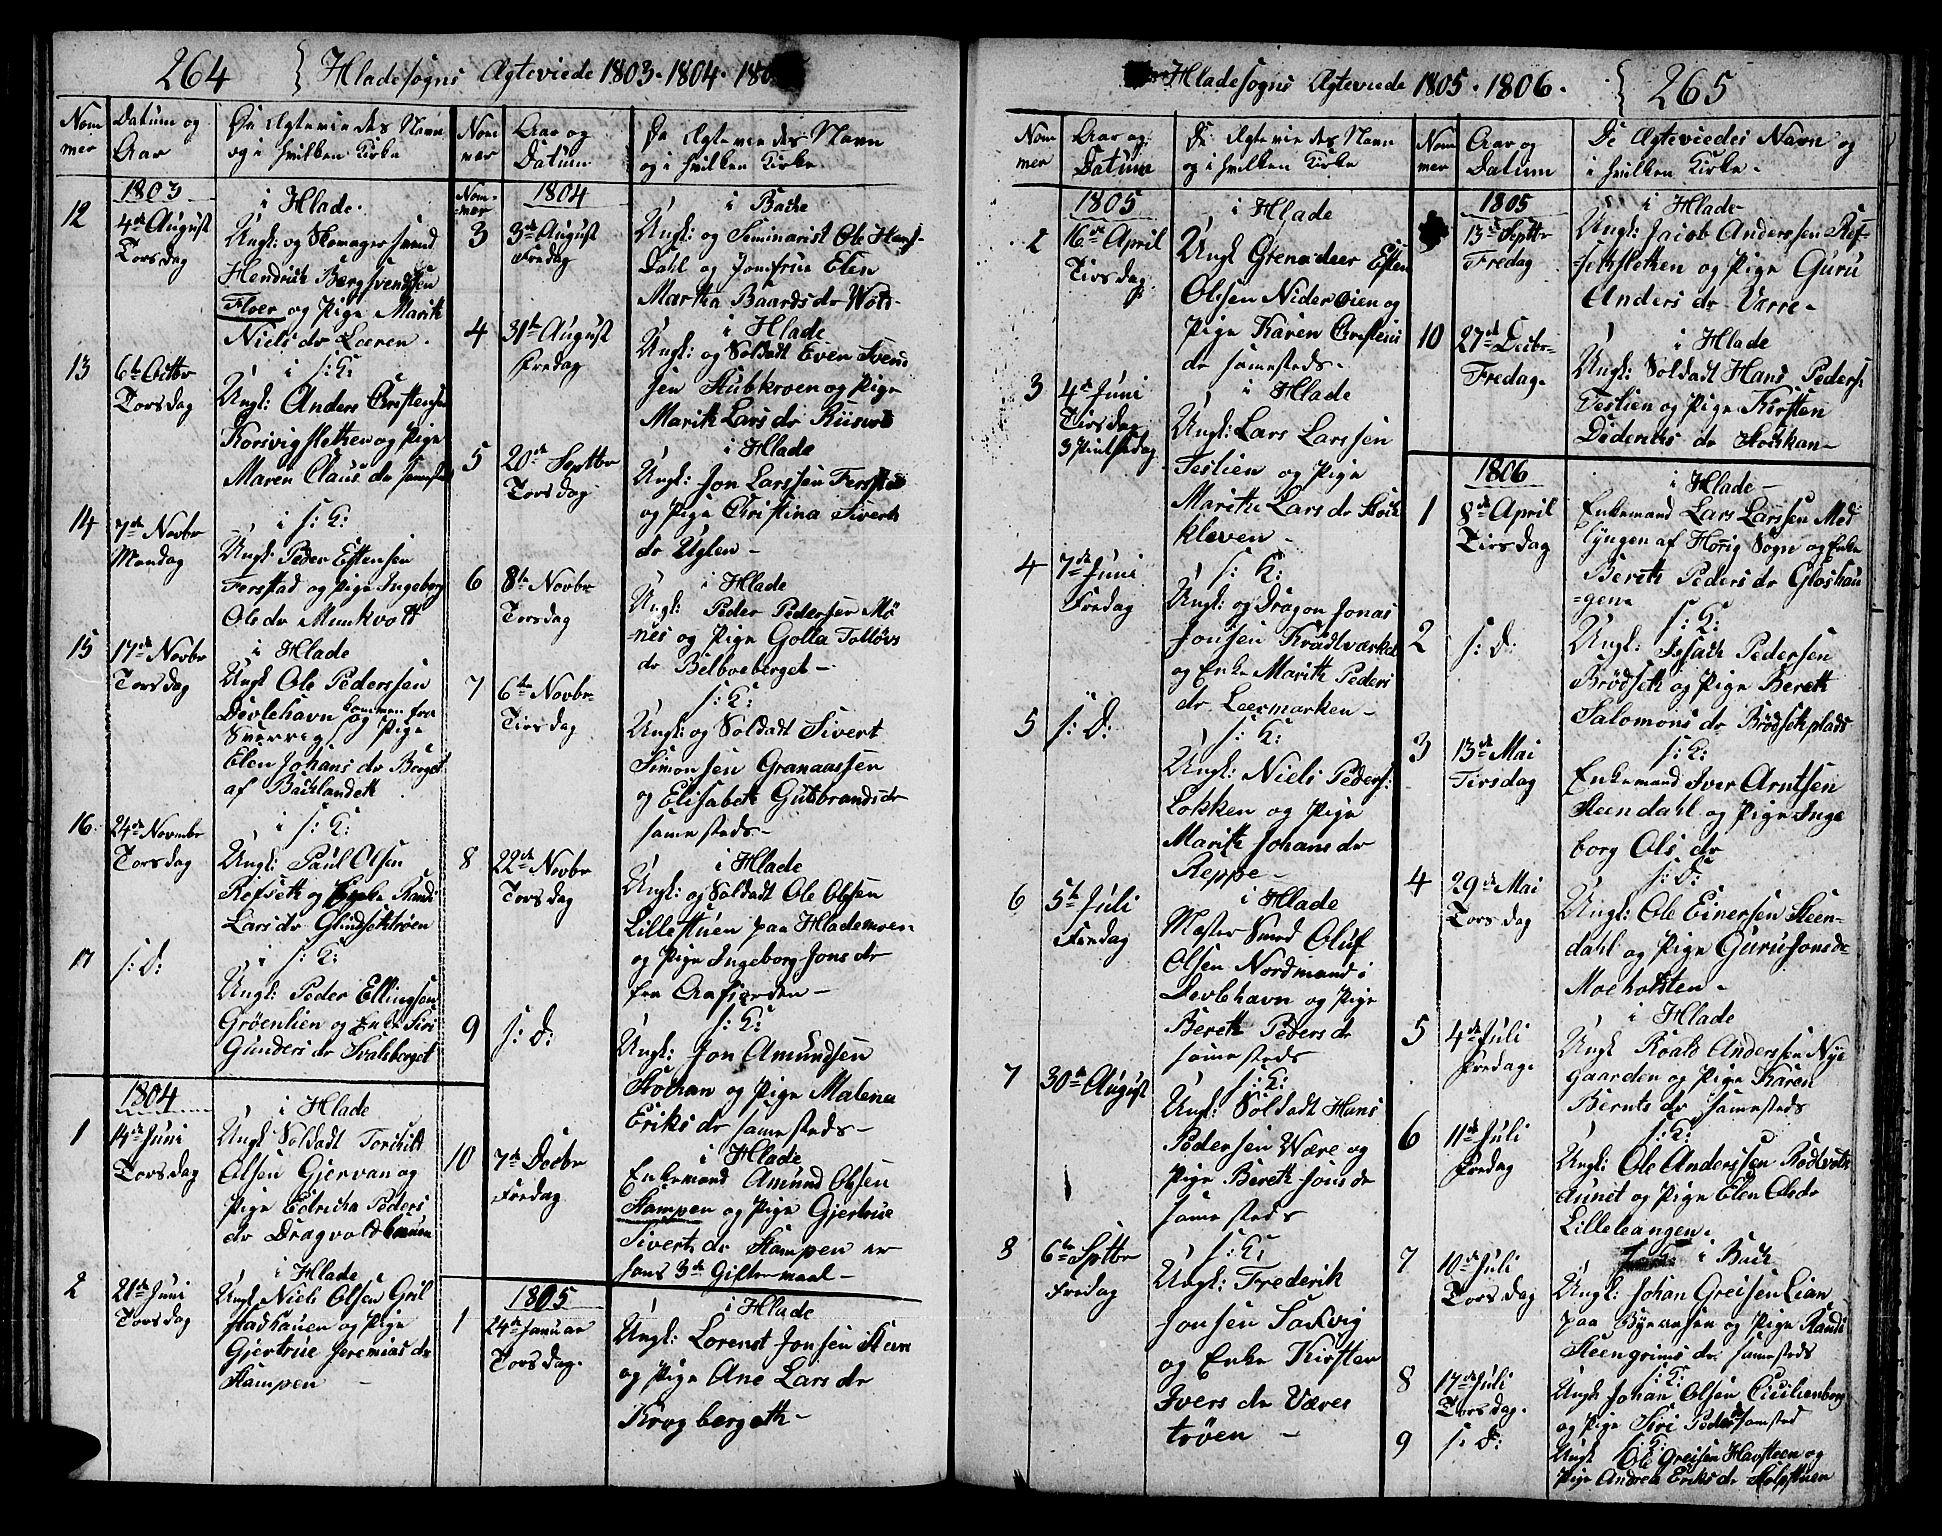 SAT, Ministerialprotokoller, klokkerbøker og fødselsregistre - Sør-Trøndelag, 606/L0306: Klokkerbok nr. 606C02, 1797-1829, s. 264-265